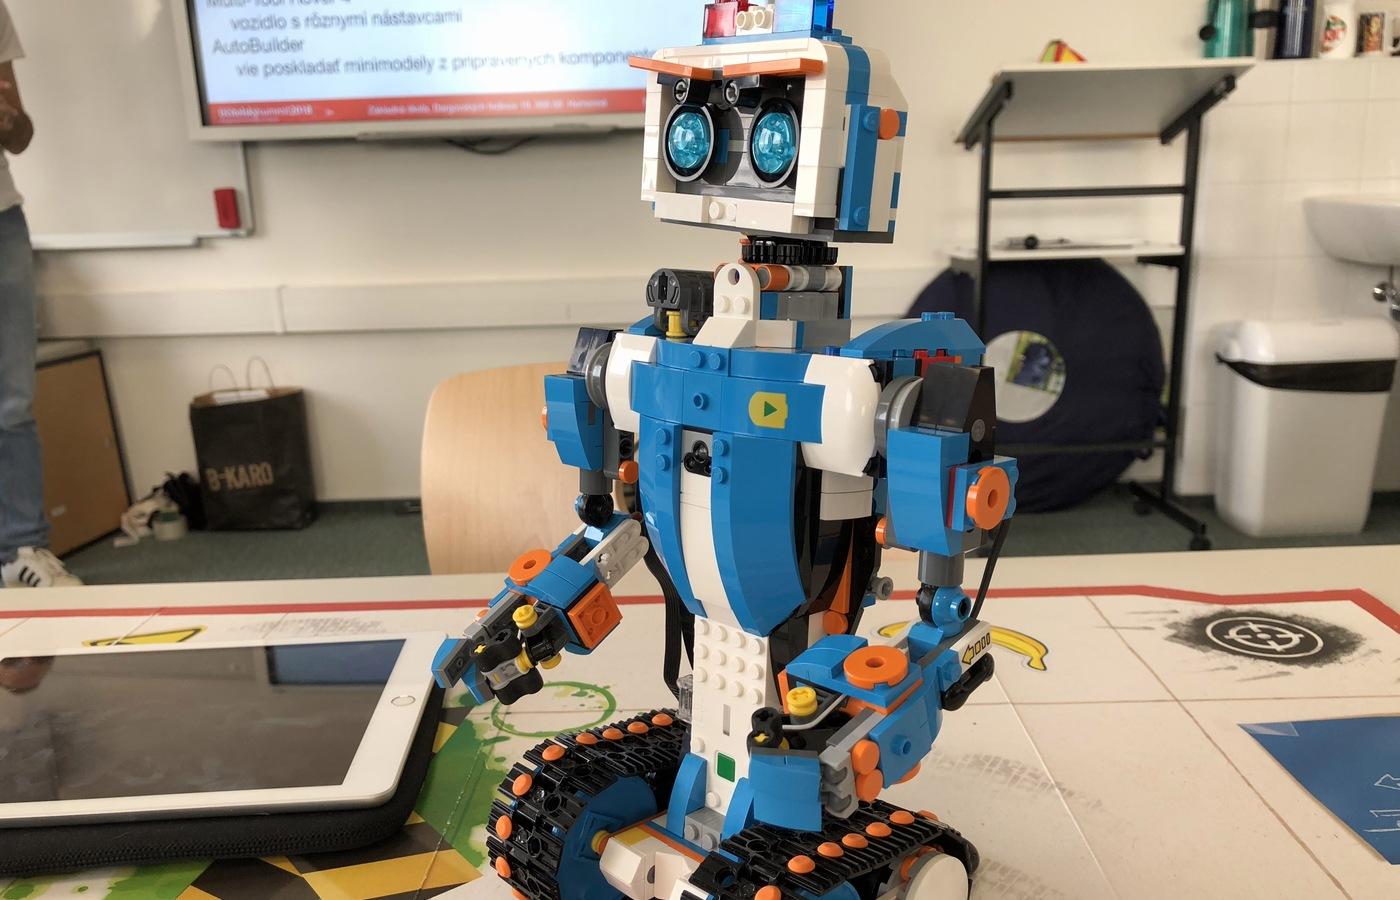 Workshop Miroslava Alexoviče věnovaný LEGO robotům a blokovému programování